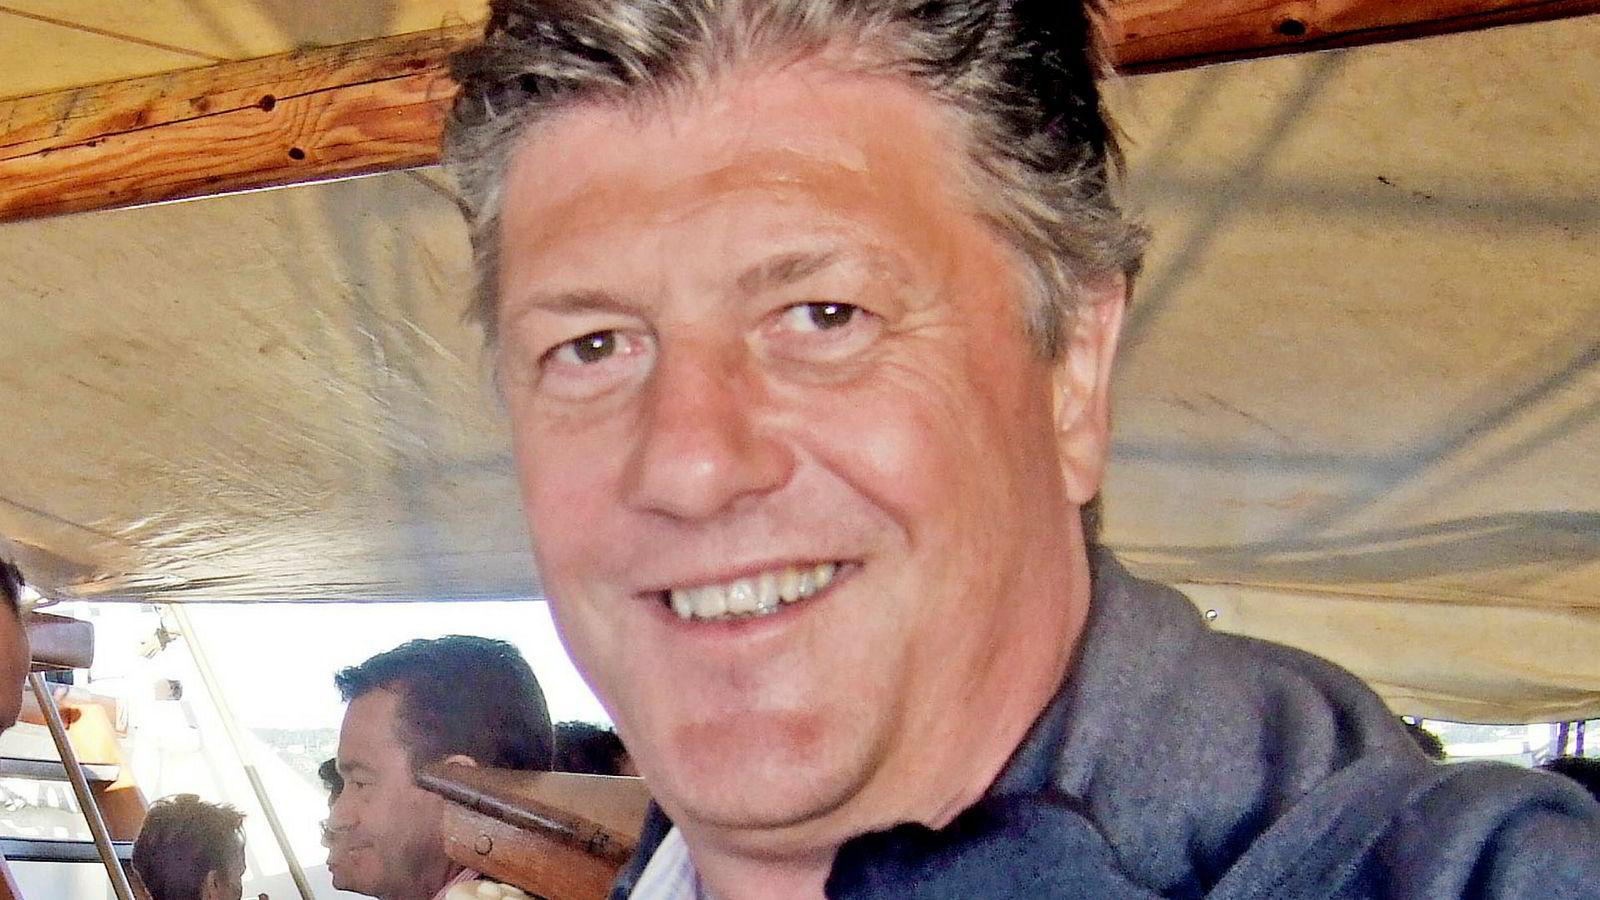 Finanstilsynet mener at Forum Securities-sjef Herman Michelet drev med ulovlig egenhandel og krever at meglerhuset skifter ut ledelsen. Bildet er tatt i 2014.